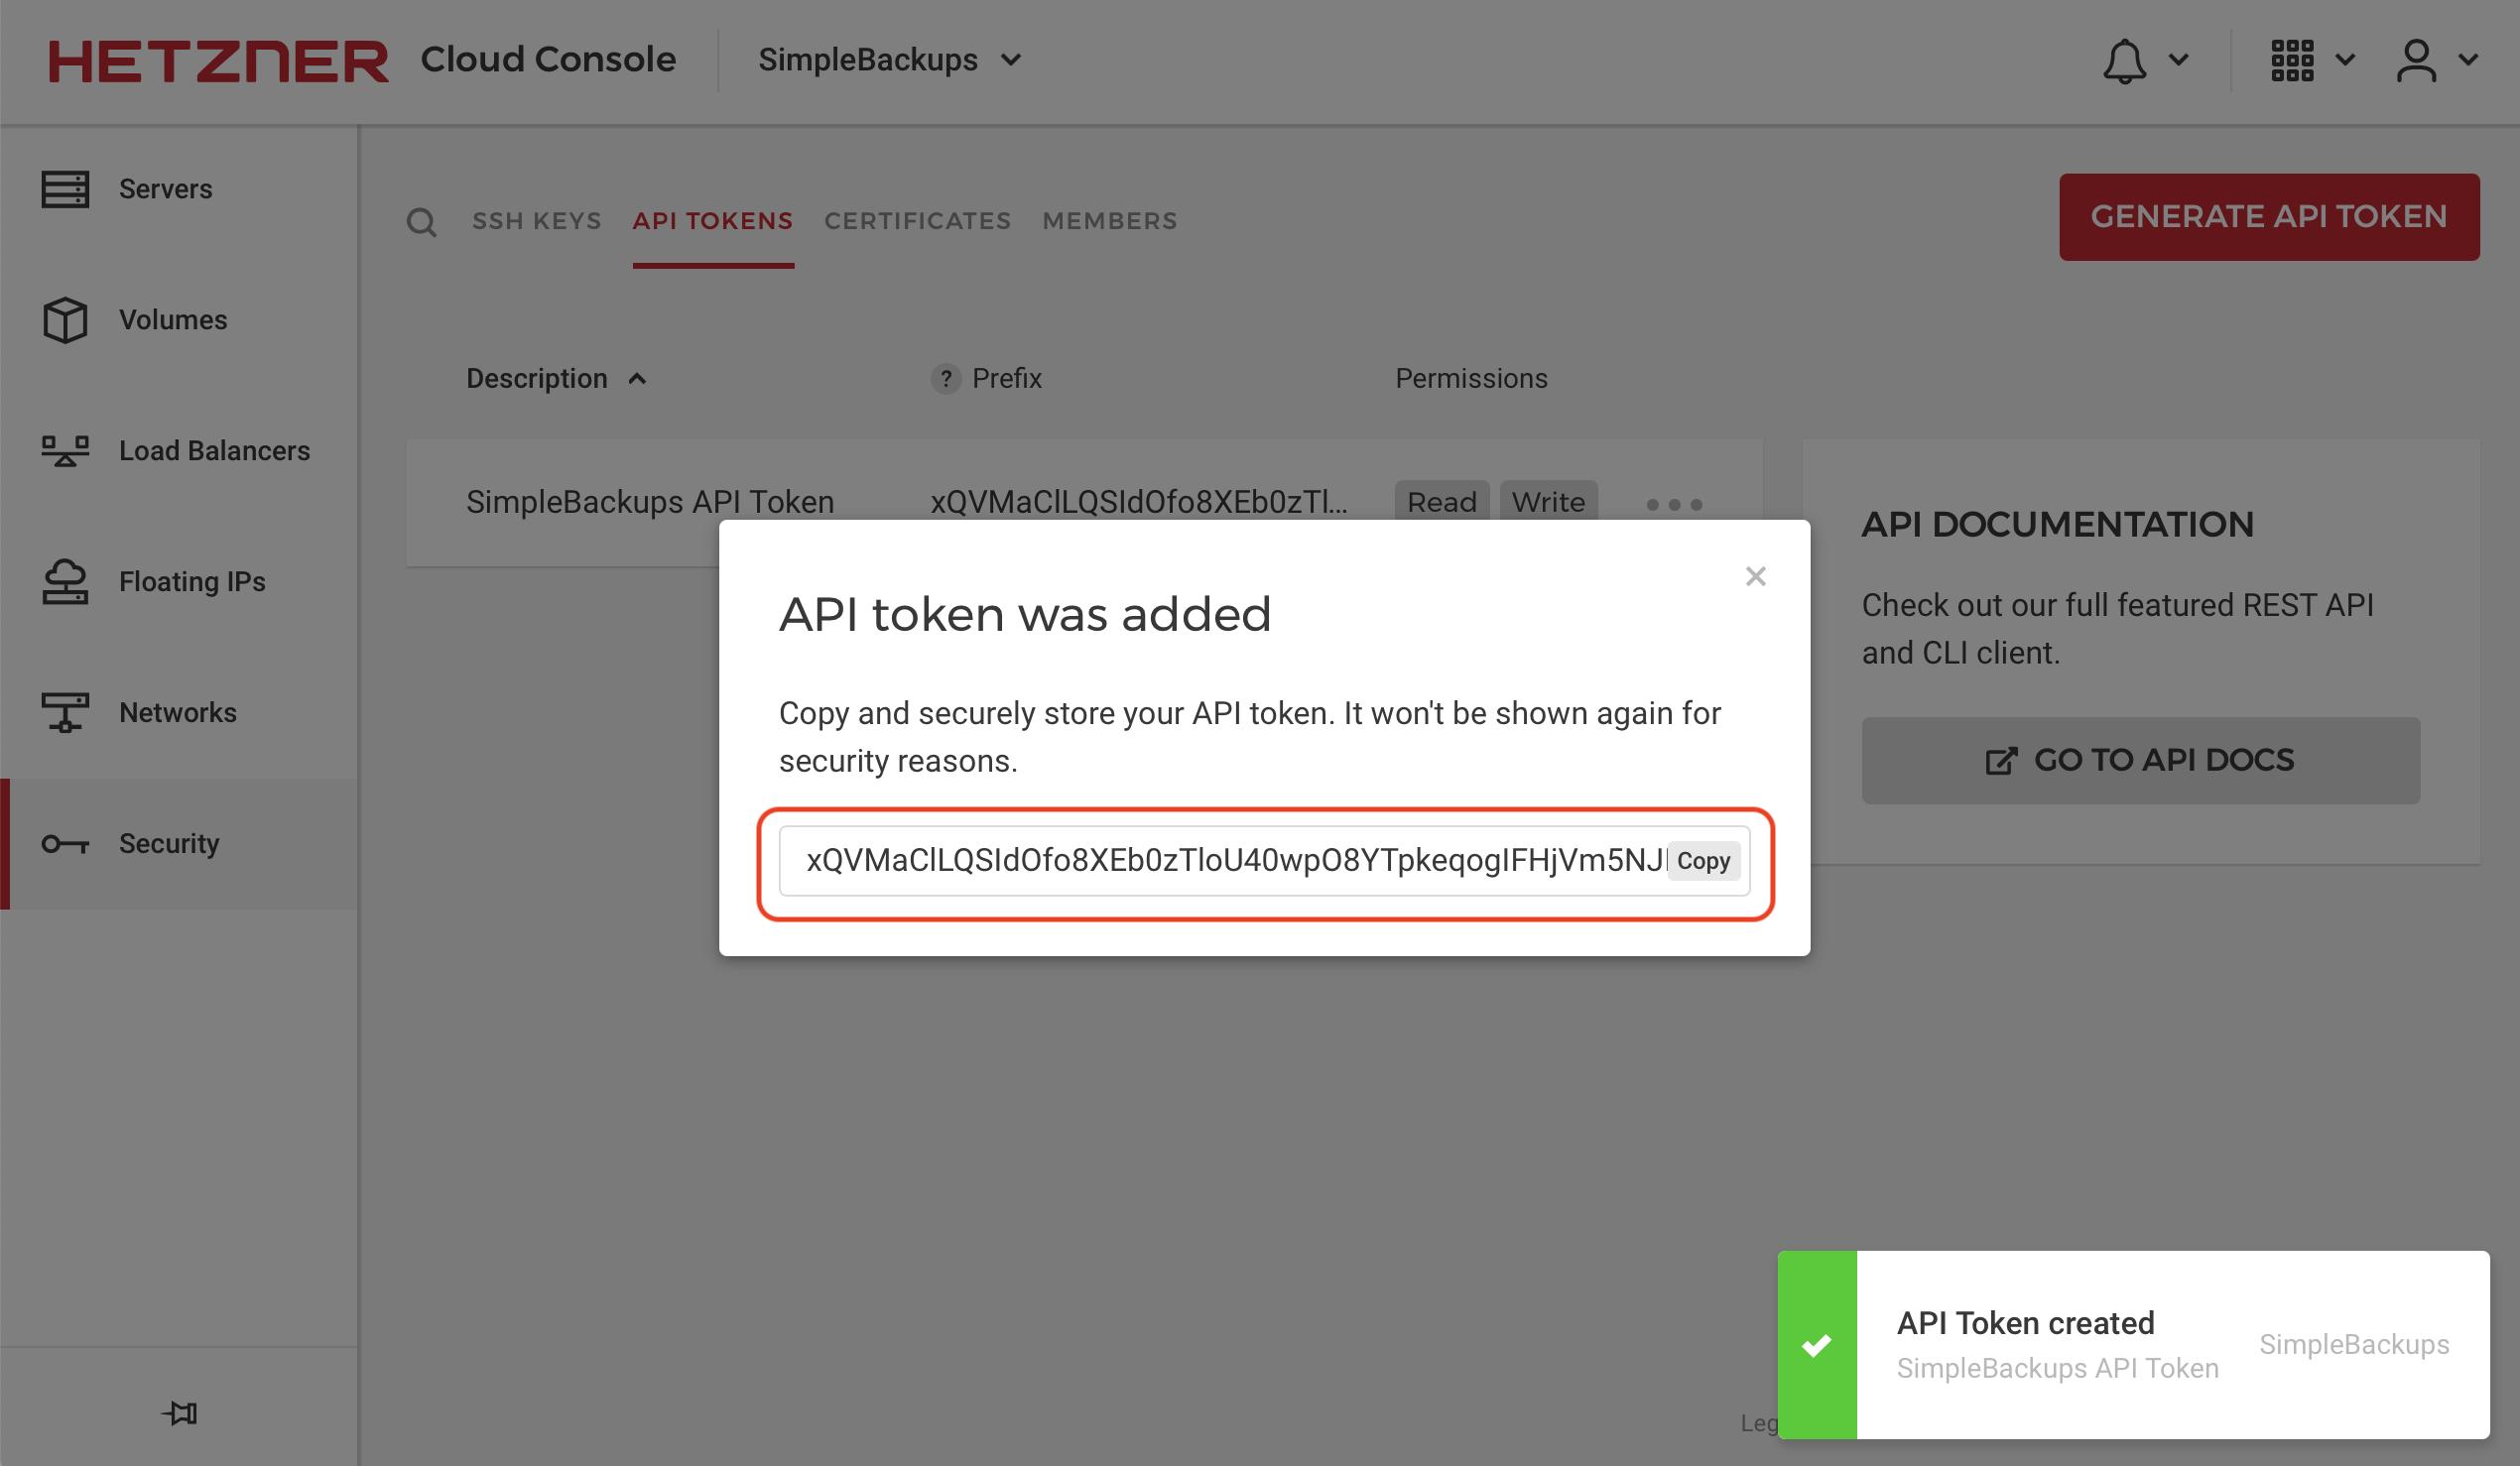 SimpleBackups-Hetzner-Create-API-Token-Credentials-Step3